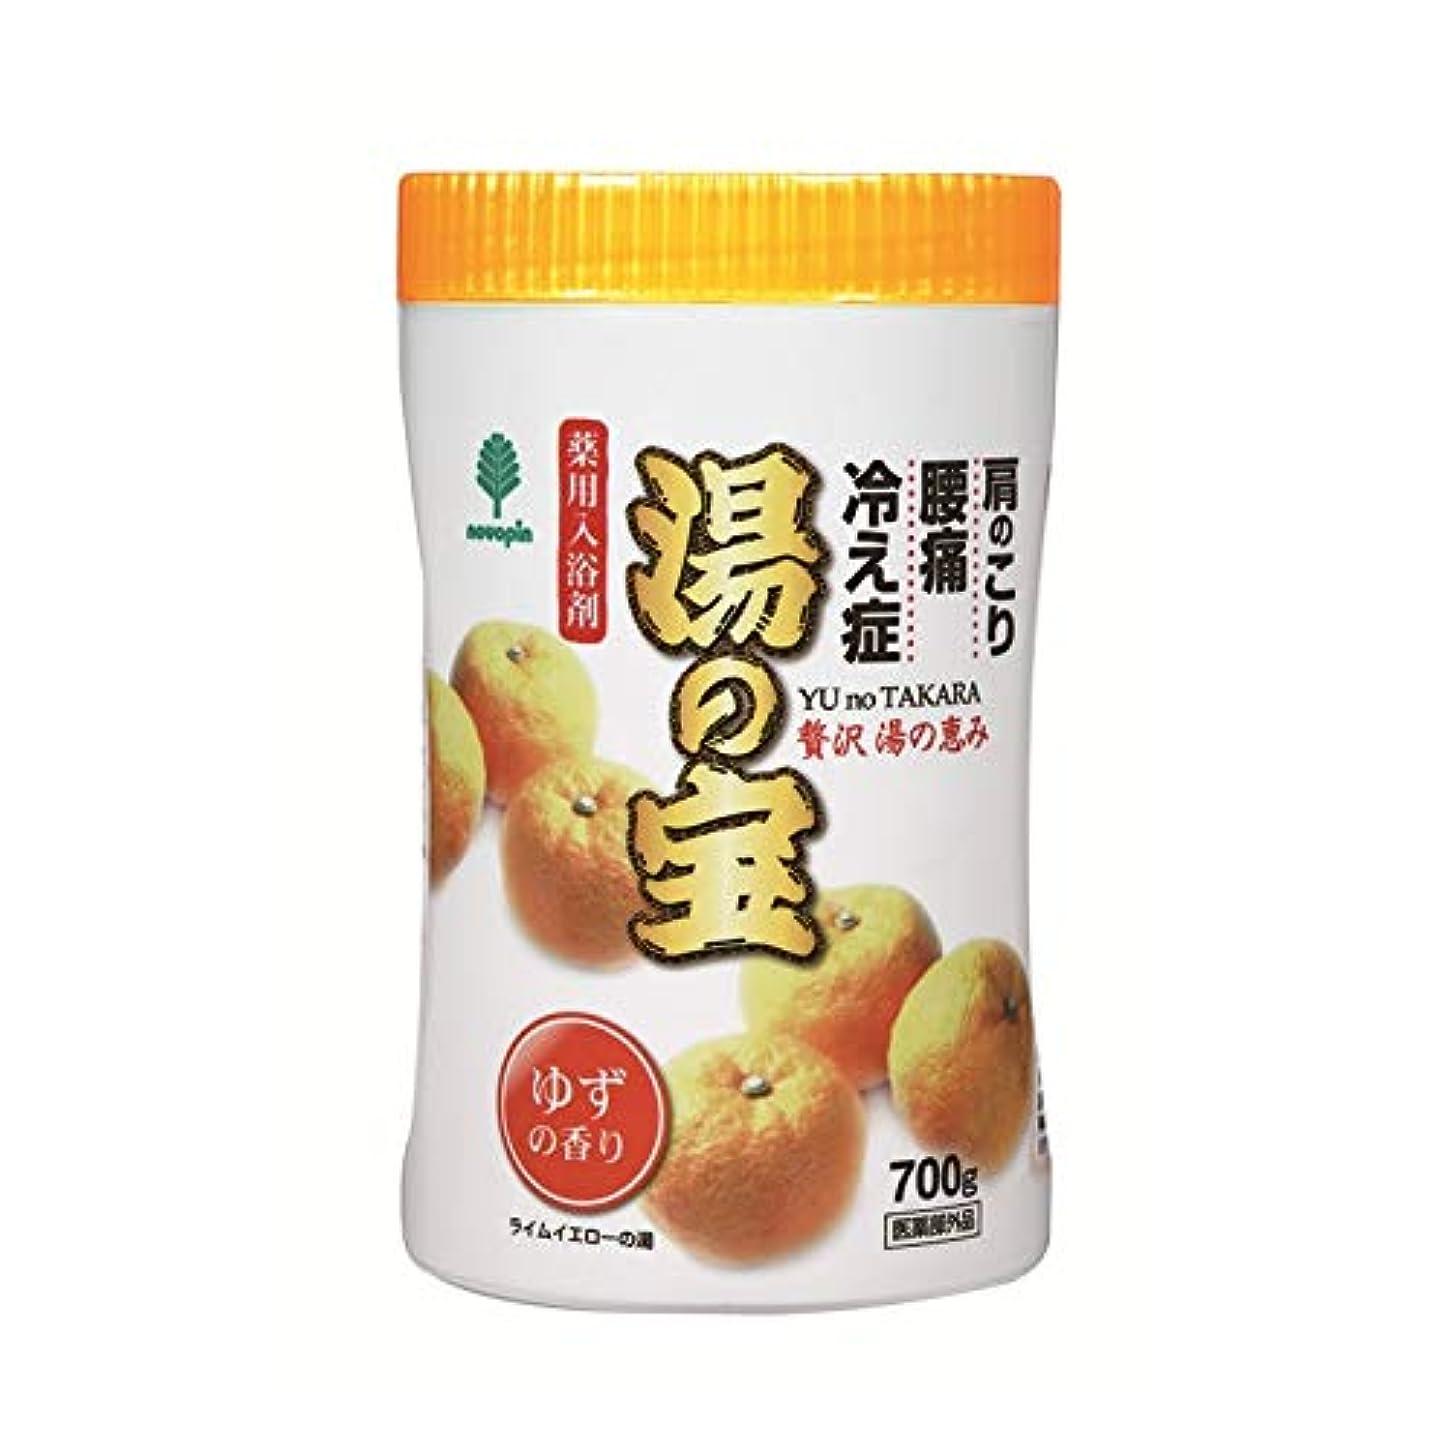 土器フレア遺産紀陽除虫菊 湯の宝 ゆずの香り (丸ボトル) 700g【まとめ買い15個セット】 N-0065